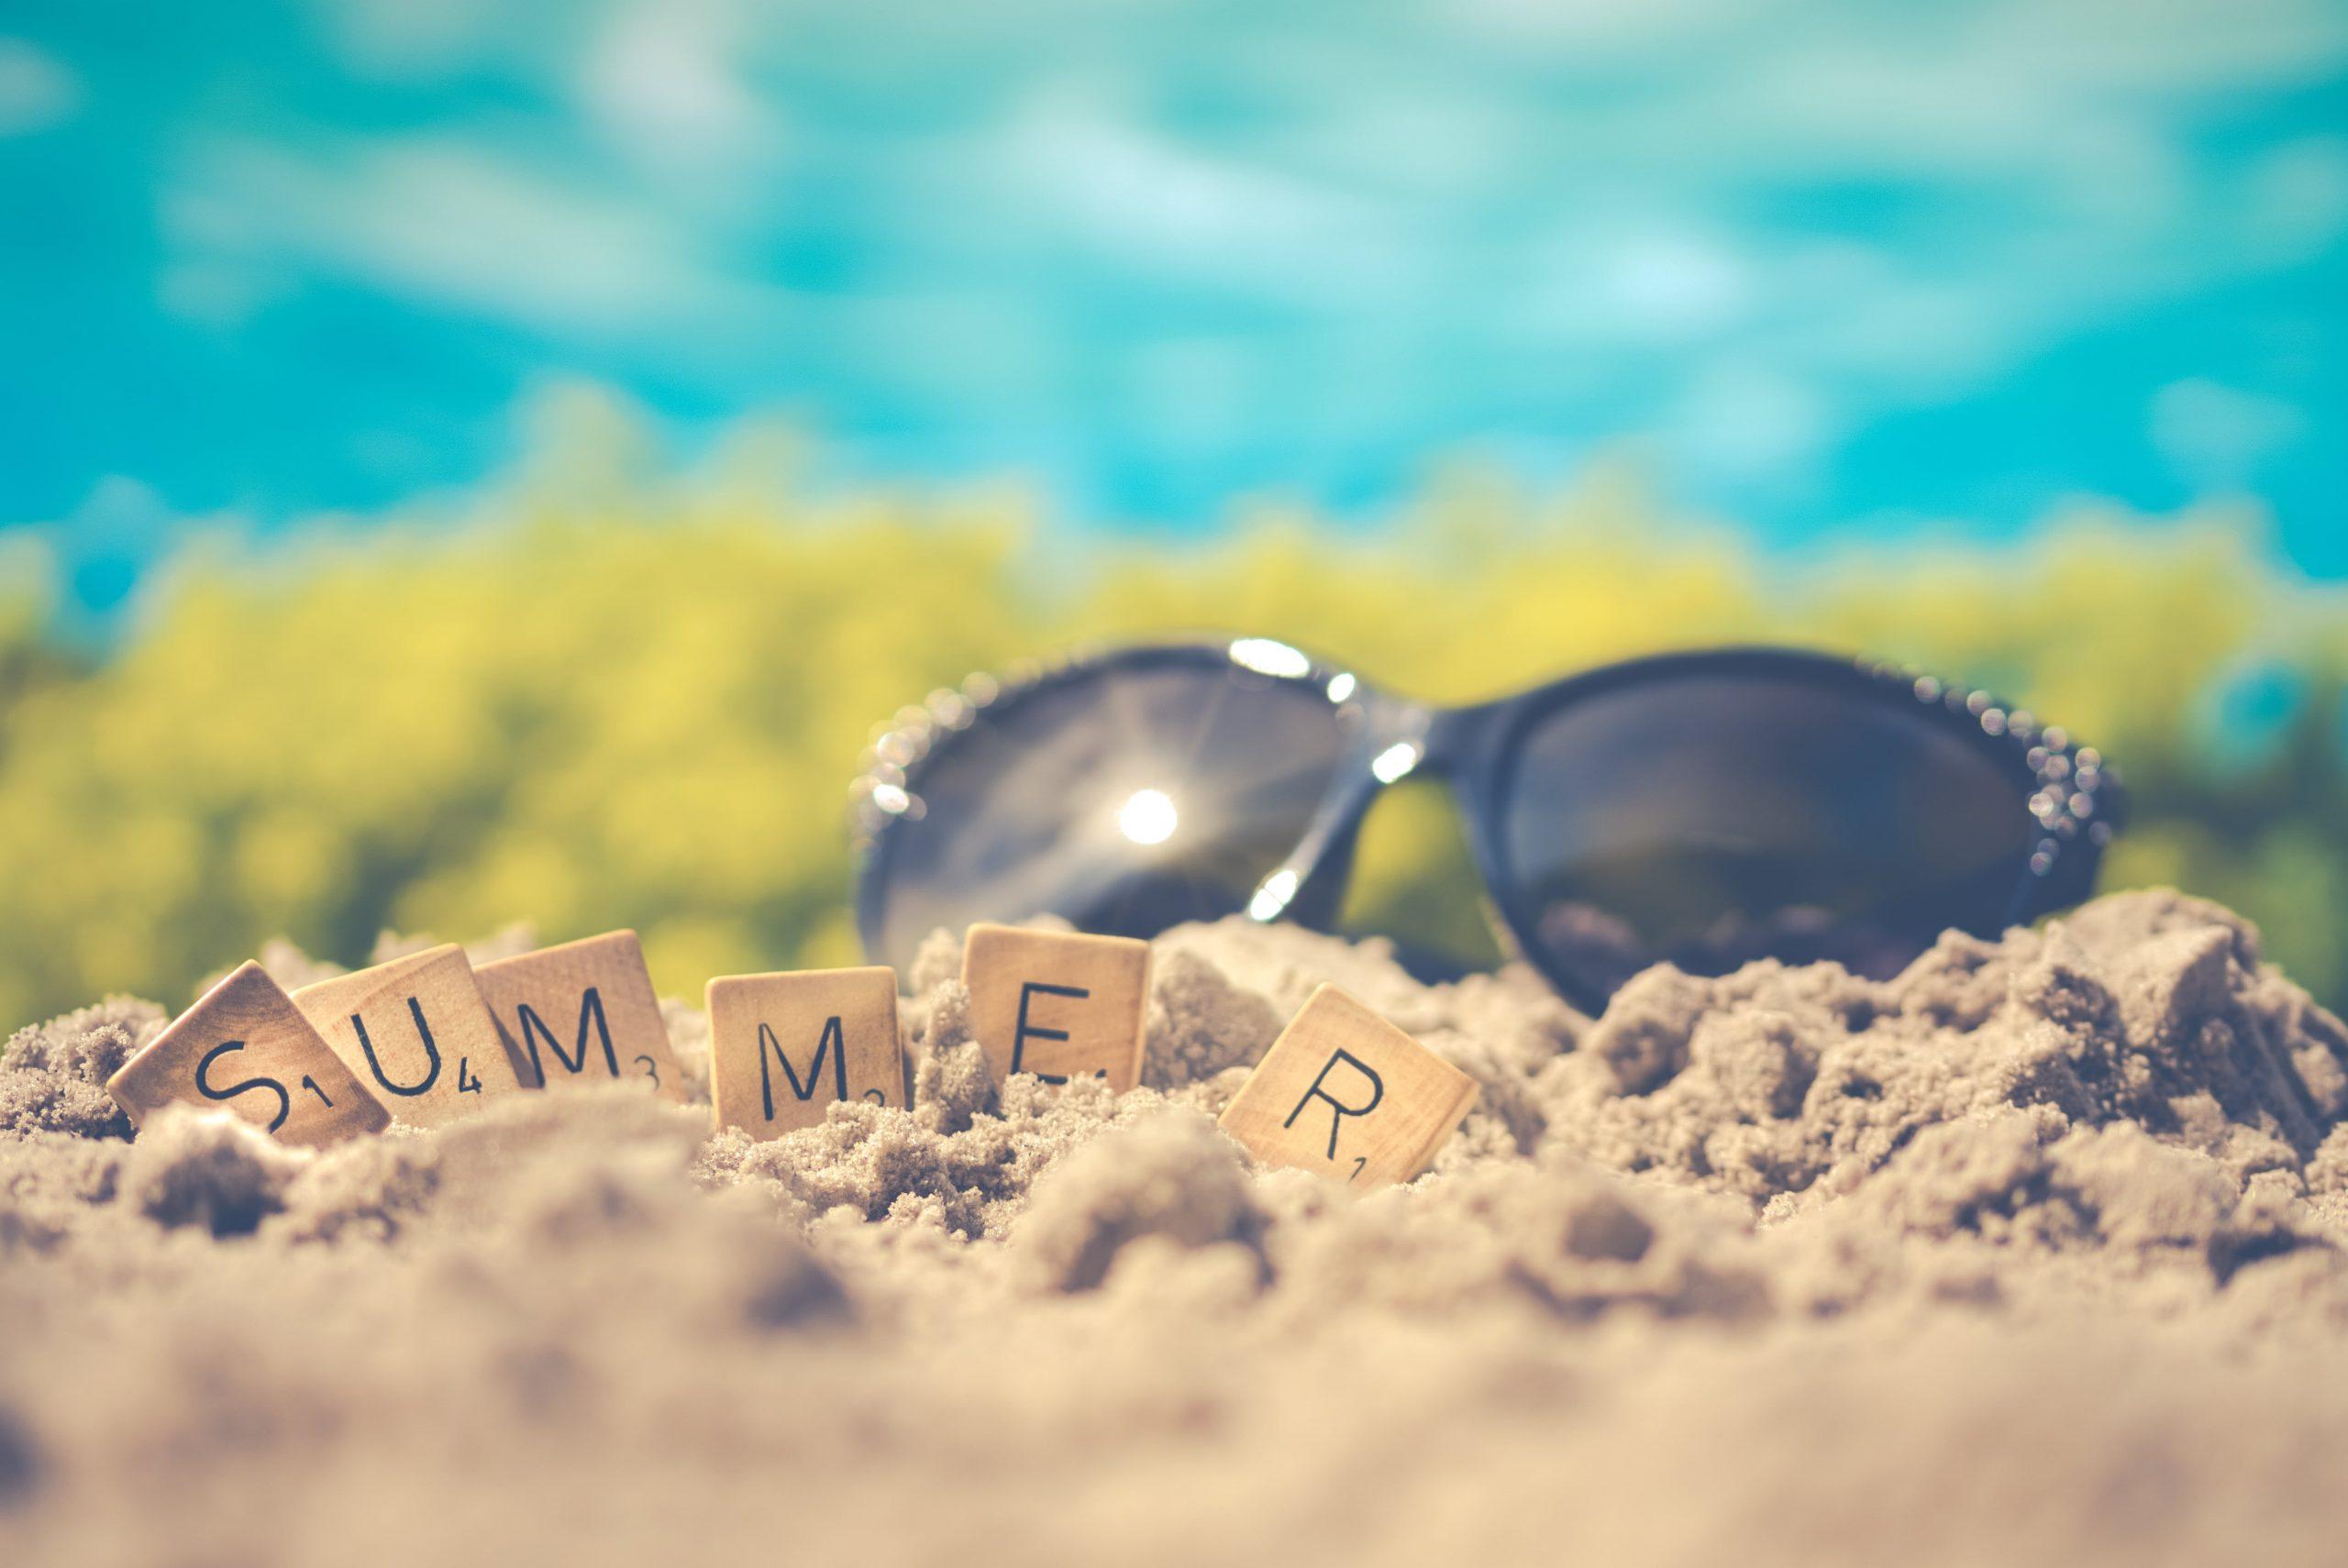 Økonomisk og karrieremæssigt tankemylder: Brug sommeren på at bearbejde dine bekymringer